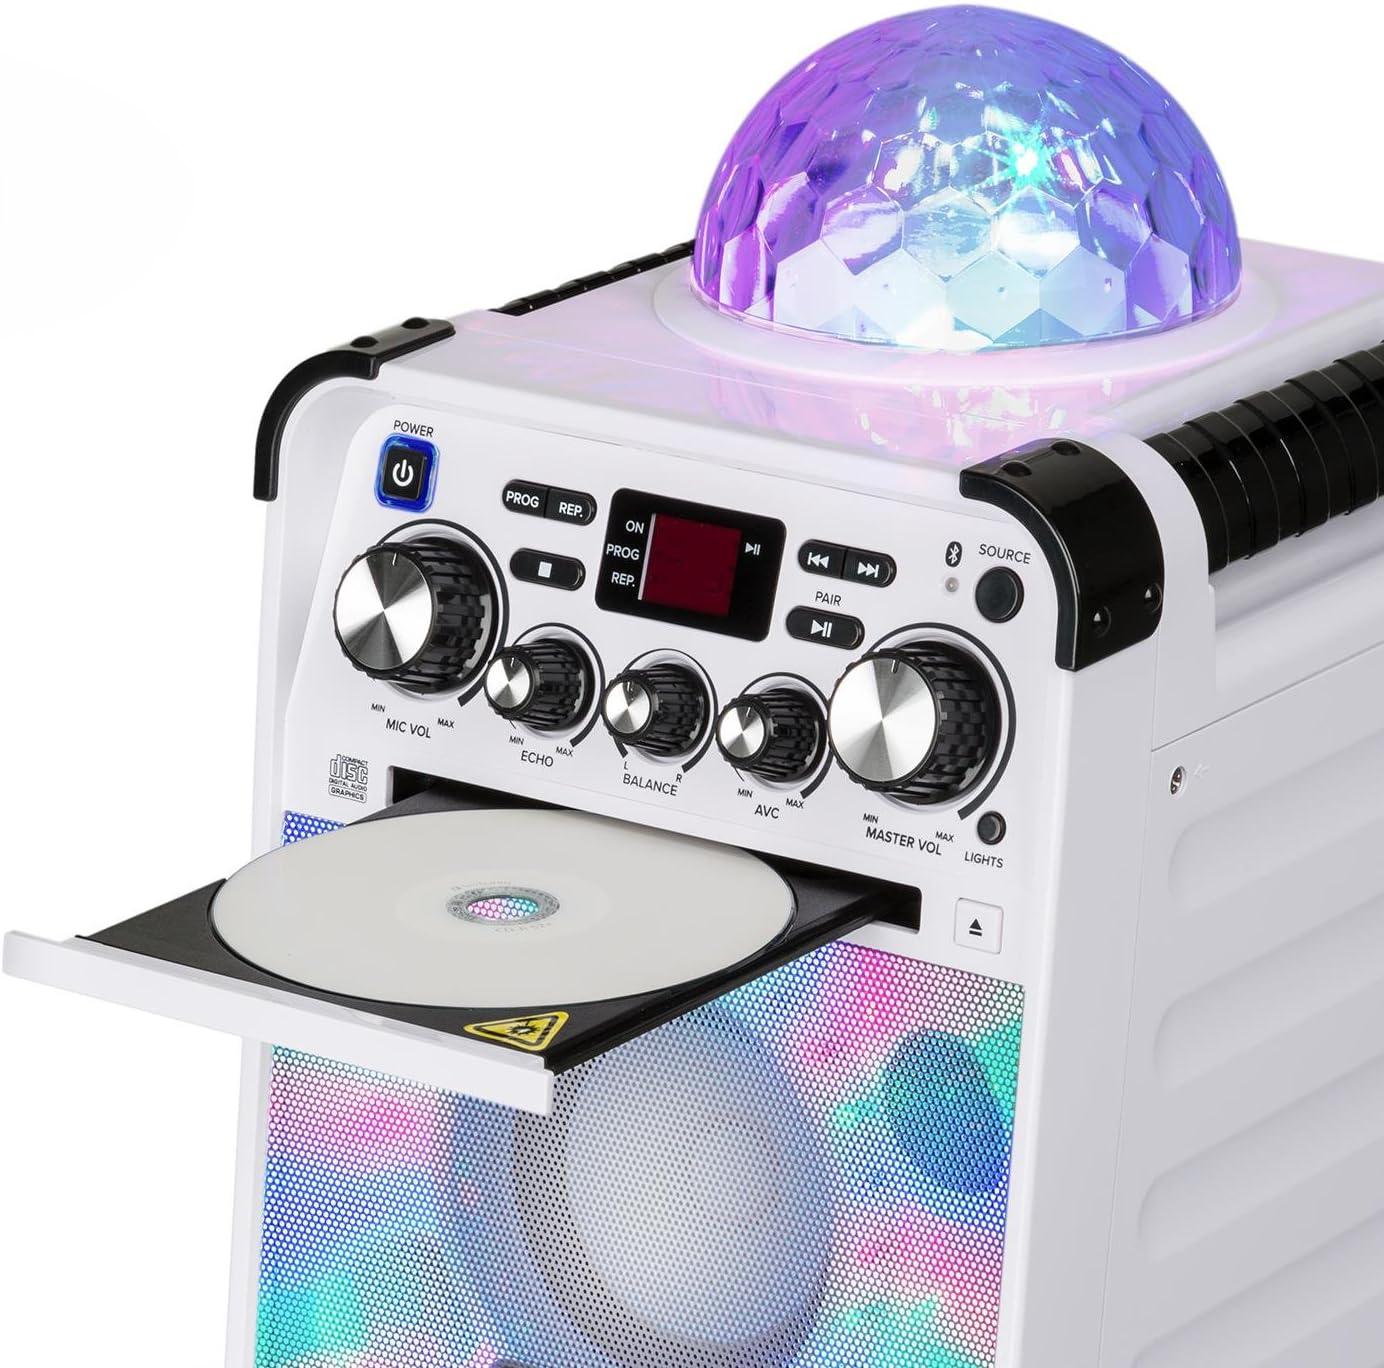 auna Rockstar - Karaoke-Anlage, Mini-Sound-System, Karaoke-System, LED-Jellyball, AVC-Funktion, Echo-Effekt, Bluetooth, CD, CD-R und CD-RW, robust, weiß weiß